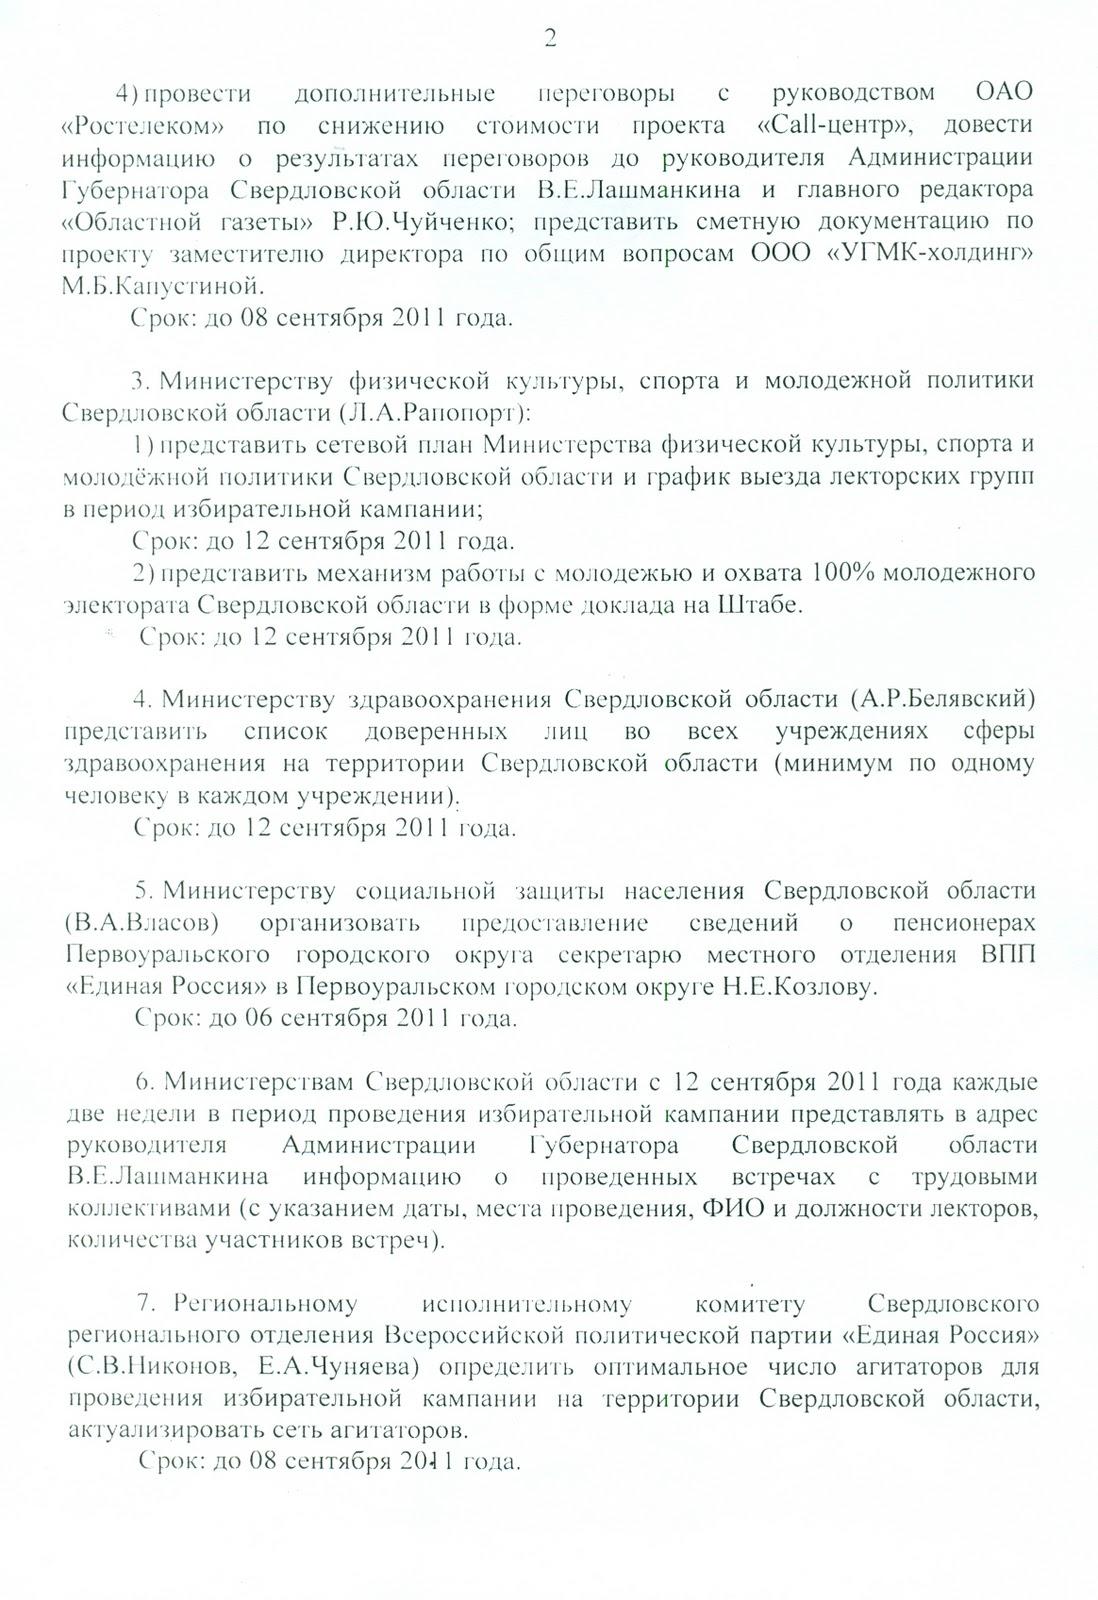 46d5e1f2ccc9 Президент Дмитрий Медведев заявил, что всем политическим партиям должны  быть предоставлены равные возможности в ходе предвыборной кампании.